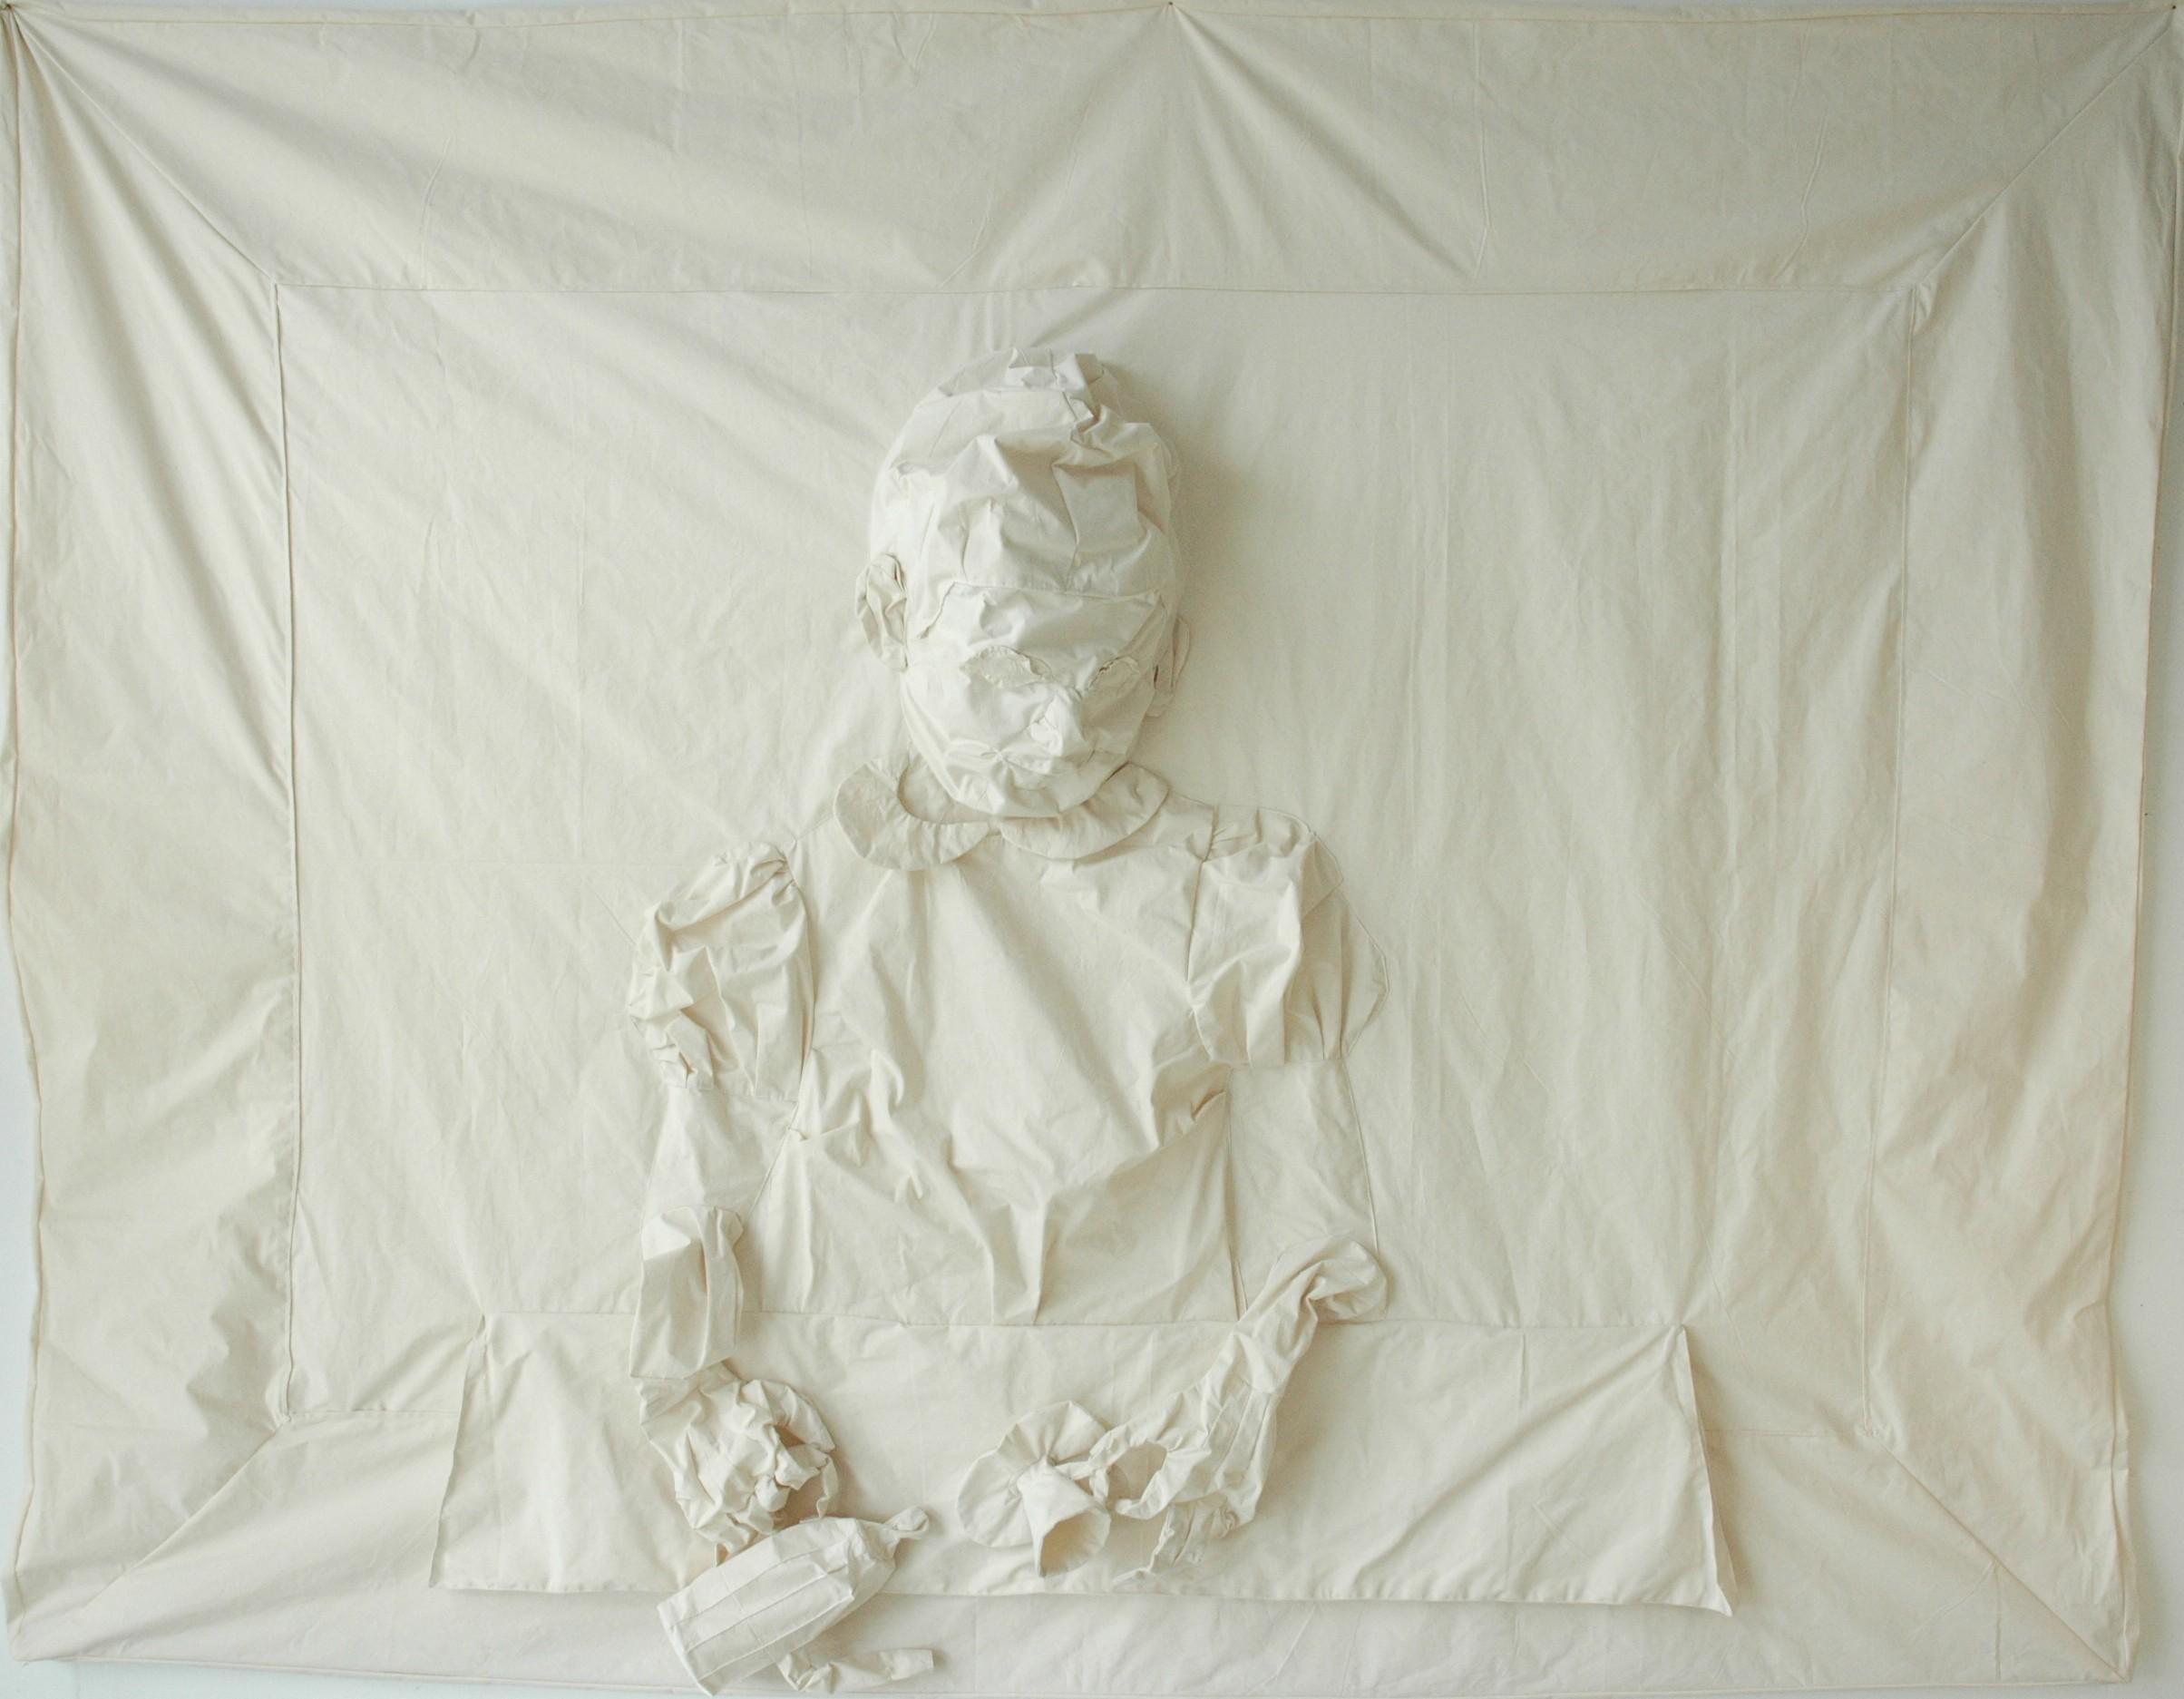 Schoolfoto, 2007, expositie Pictura Groningen, hxbxd 240x310x24 cm,